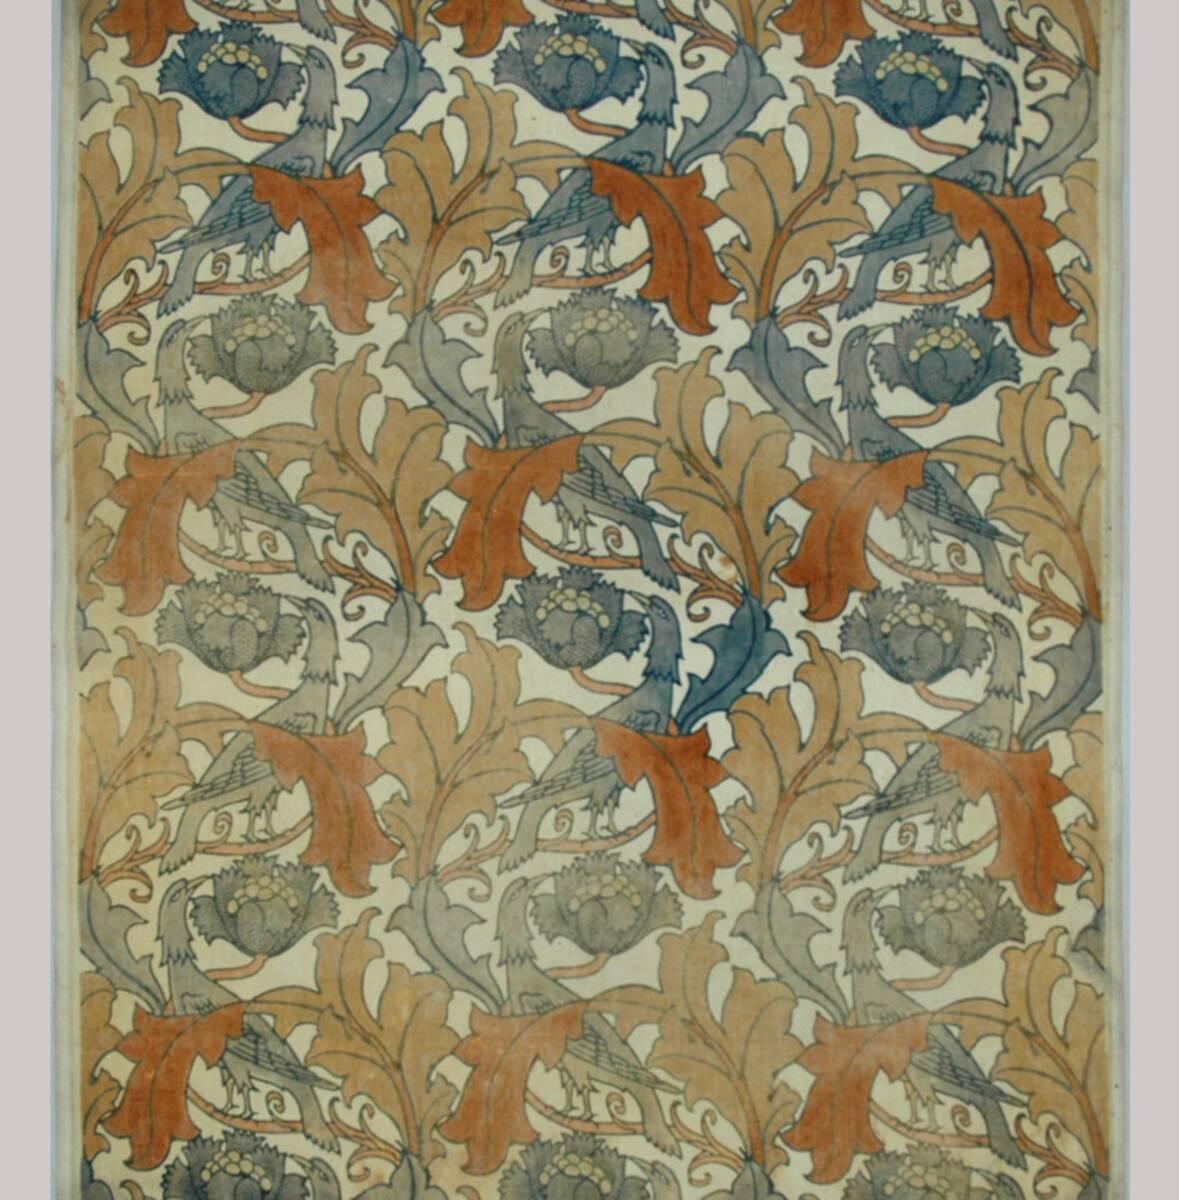 Blattranken, gewundene blaue Vögel und Blüten, auf hellem Grund von GP & J Baker